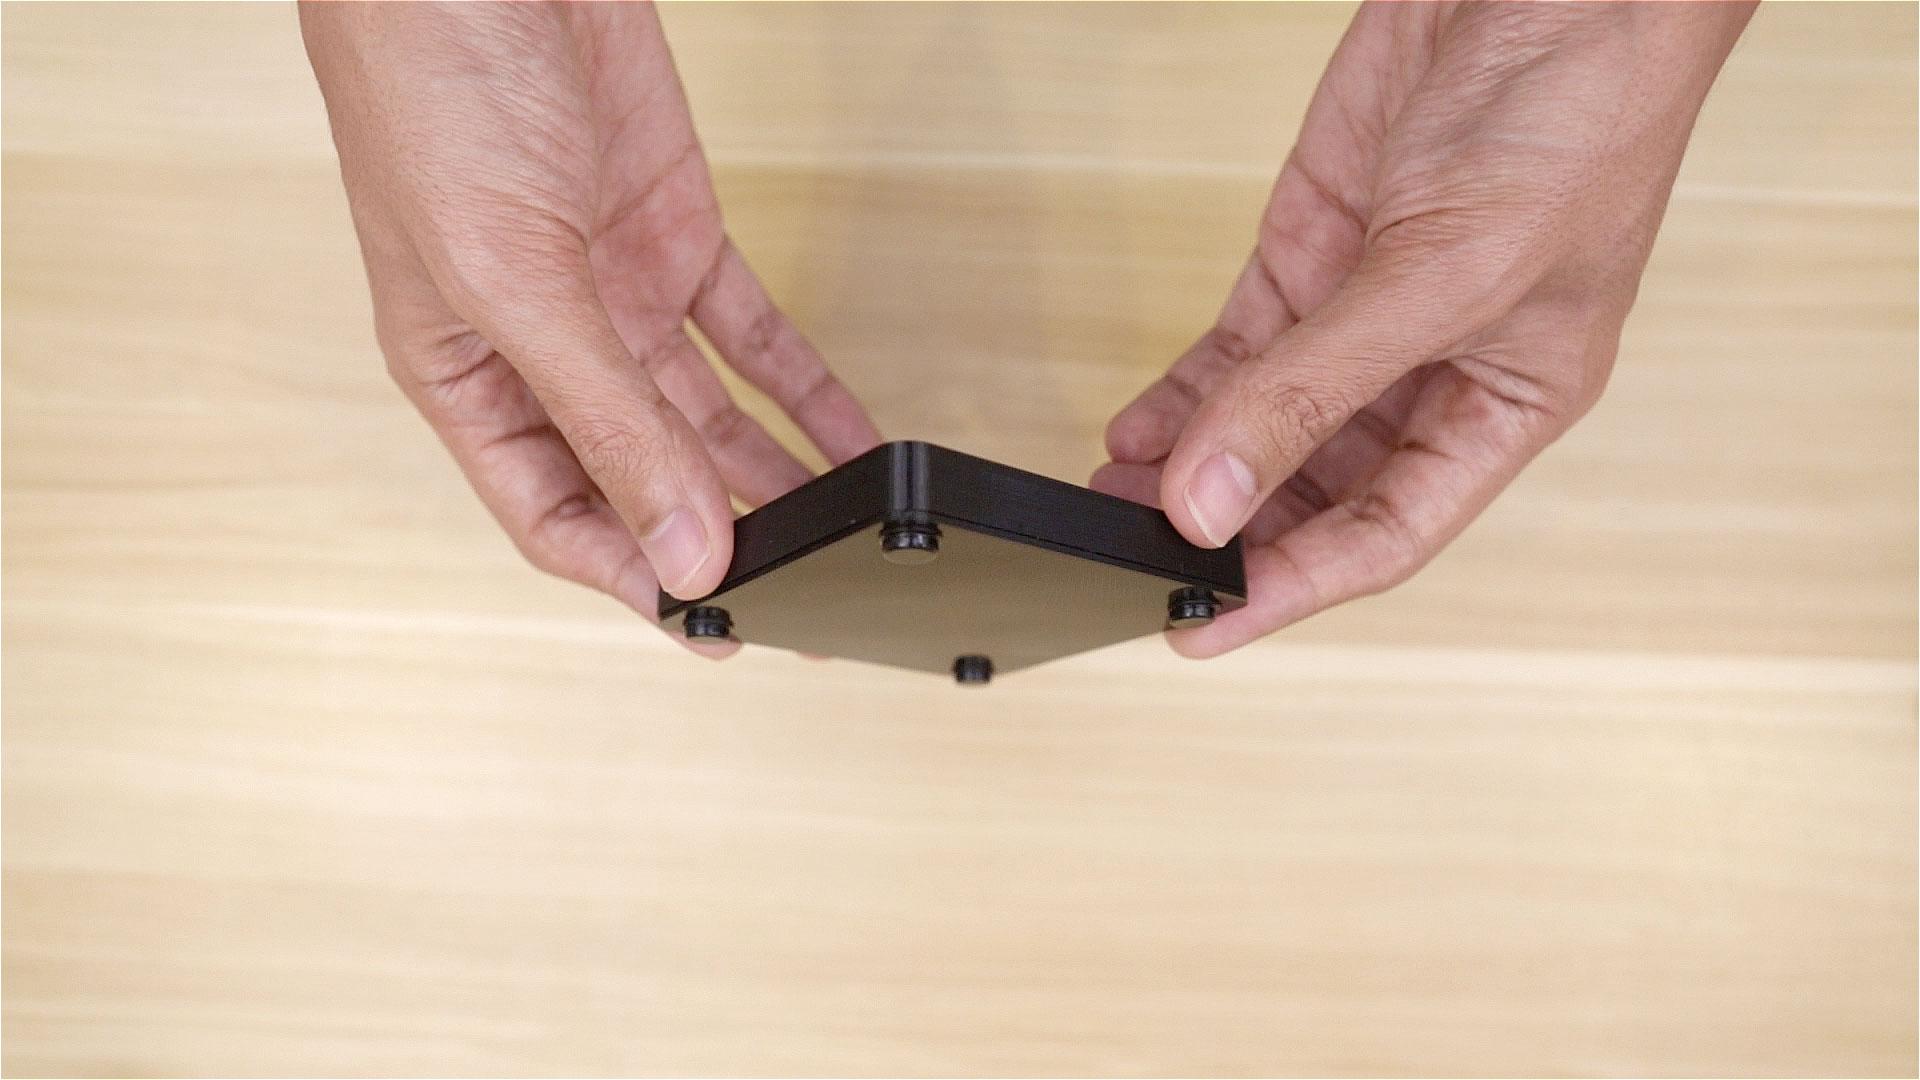 led_pixels_install-rubber-feet.jpg